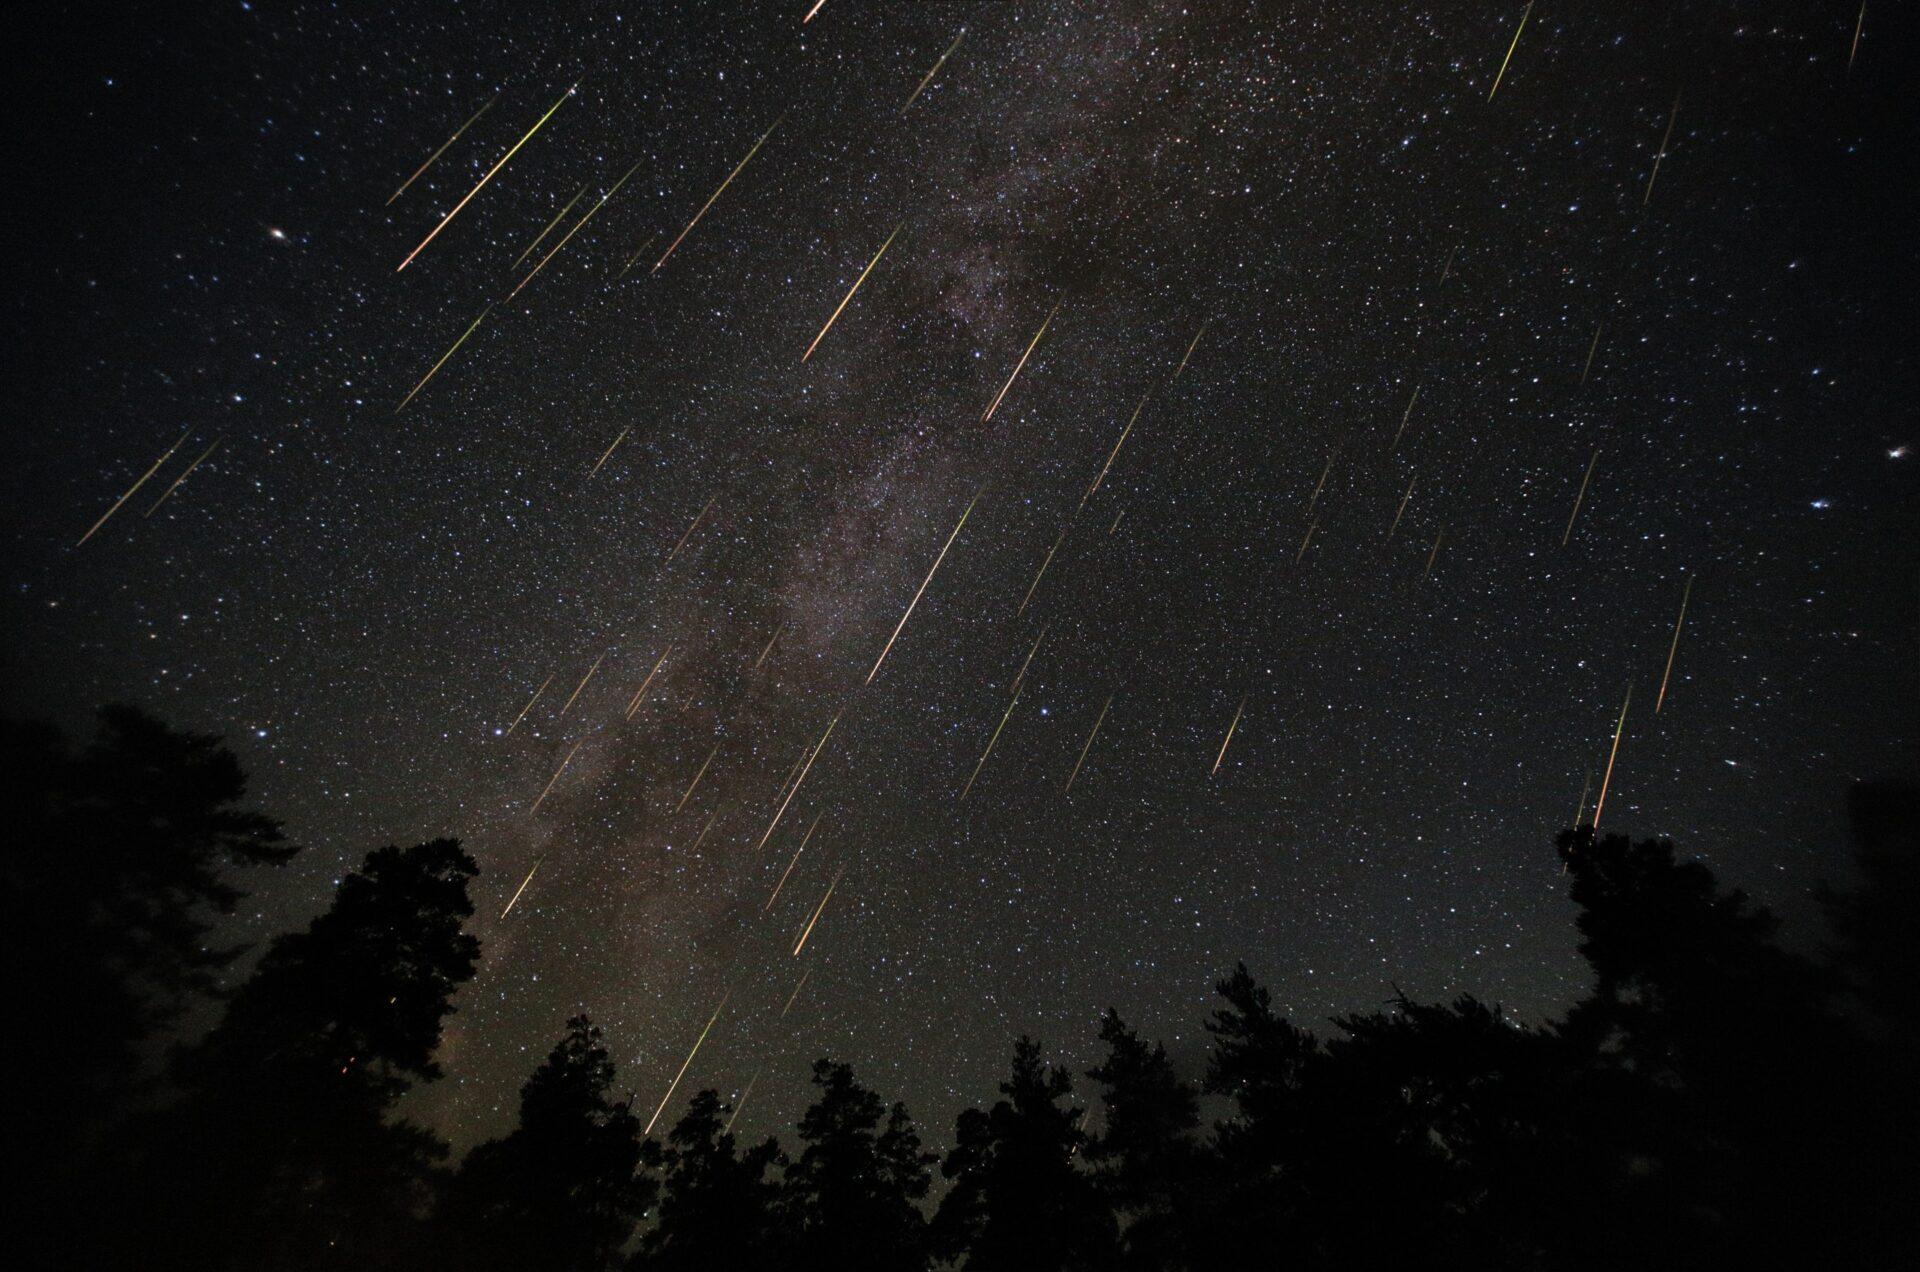 Жителей Йошкар-Олы приглашают посмотреть на метеорный поток Персеиды